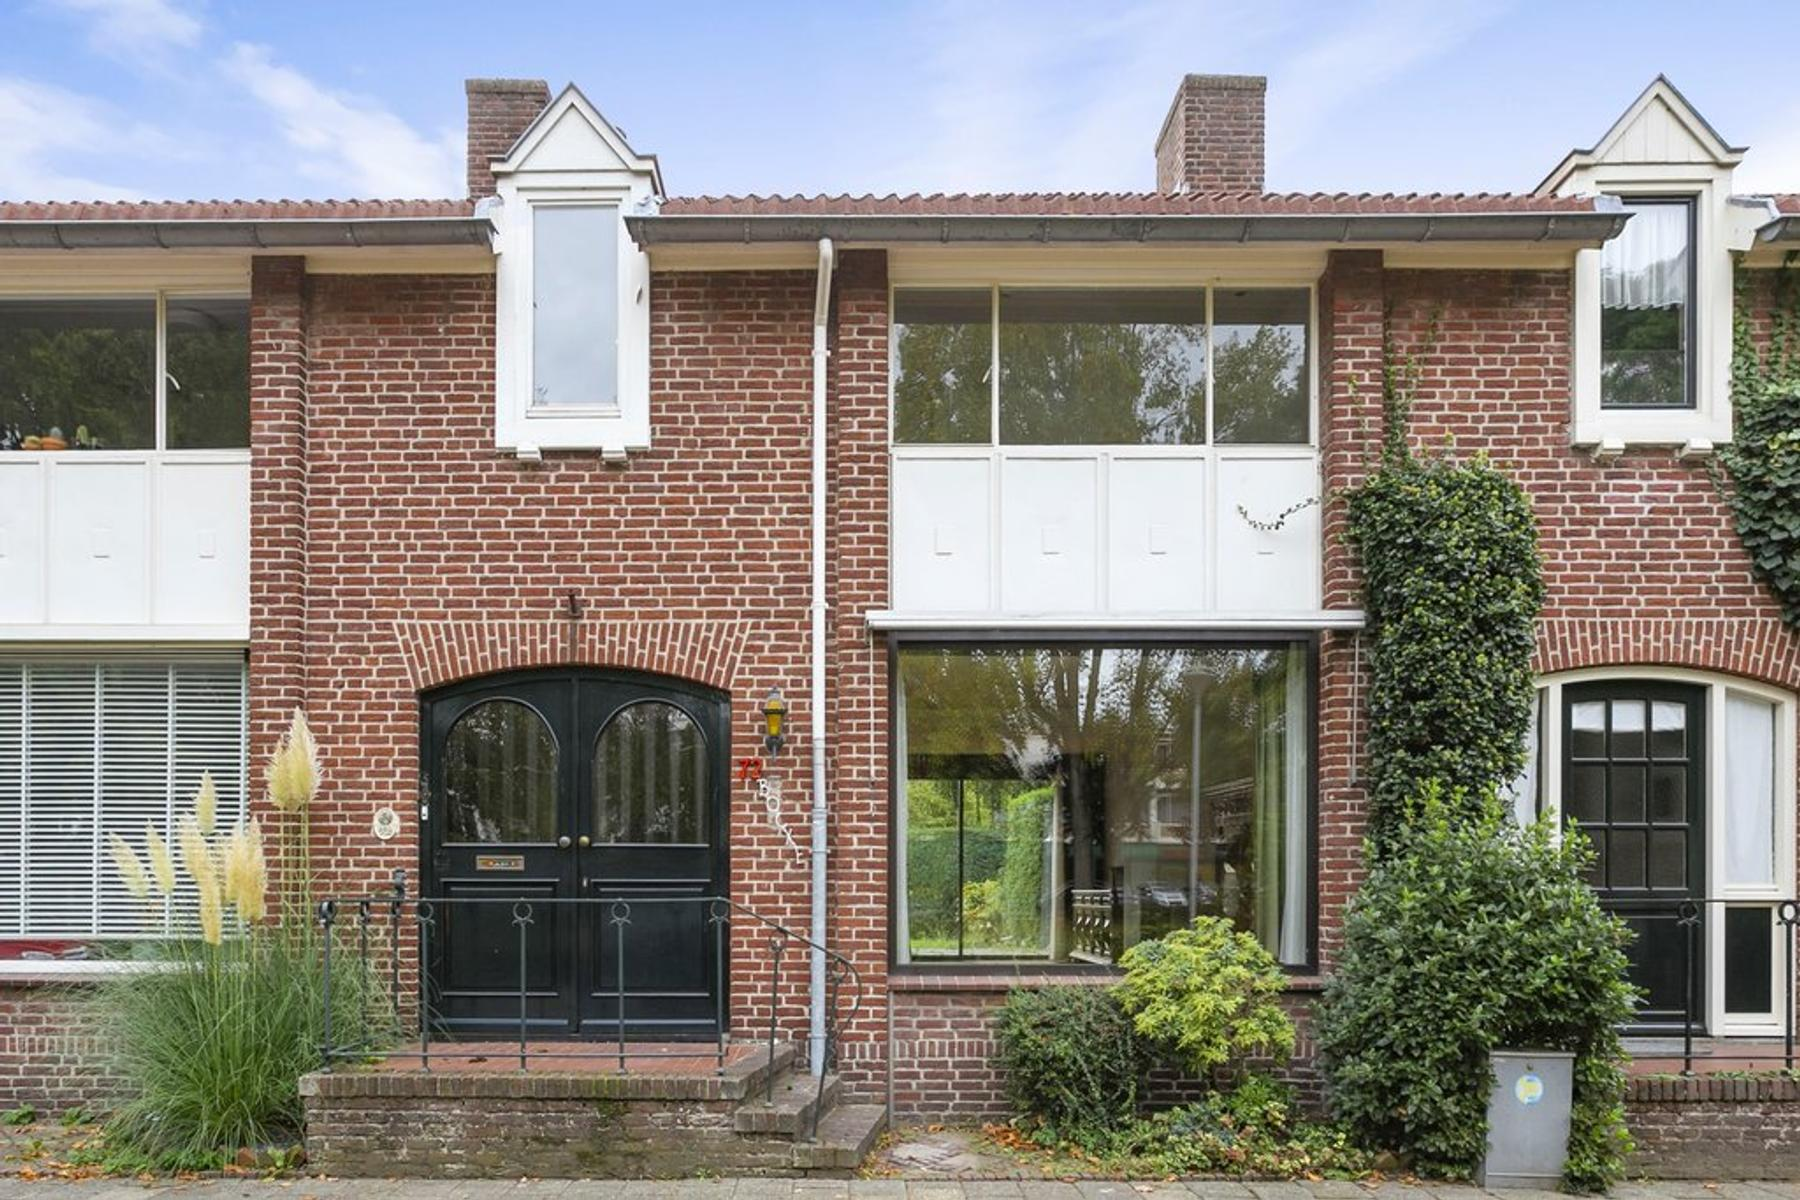 Willibrorduslaan 72 in Valkenswaard 5552 HE